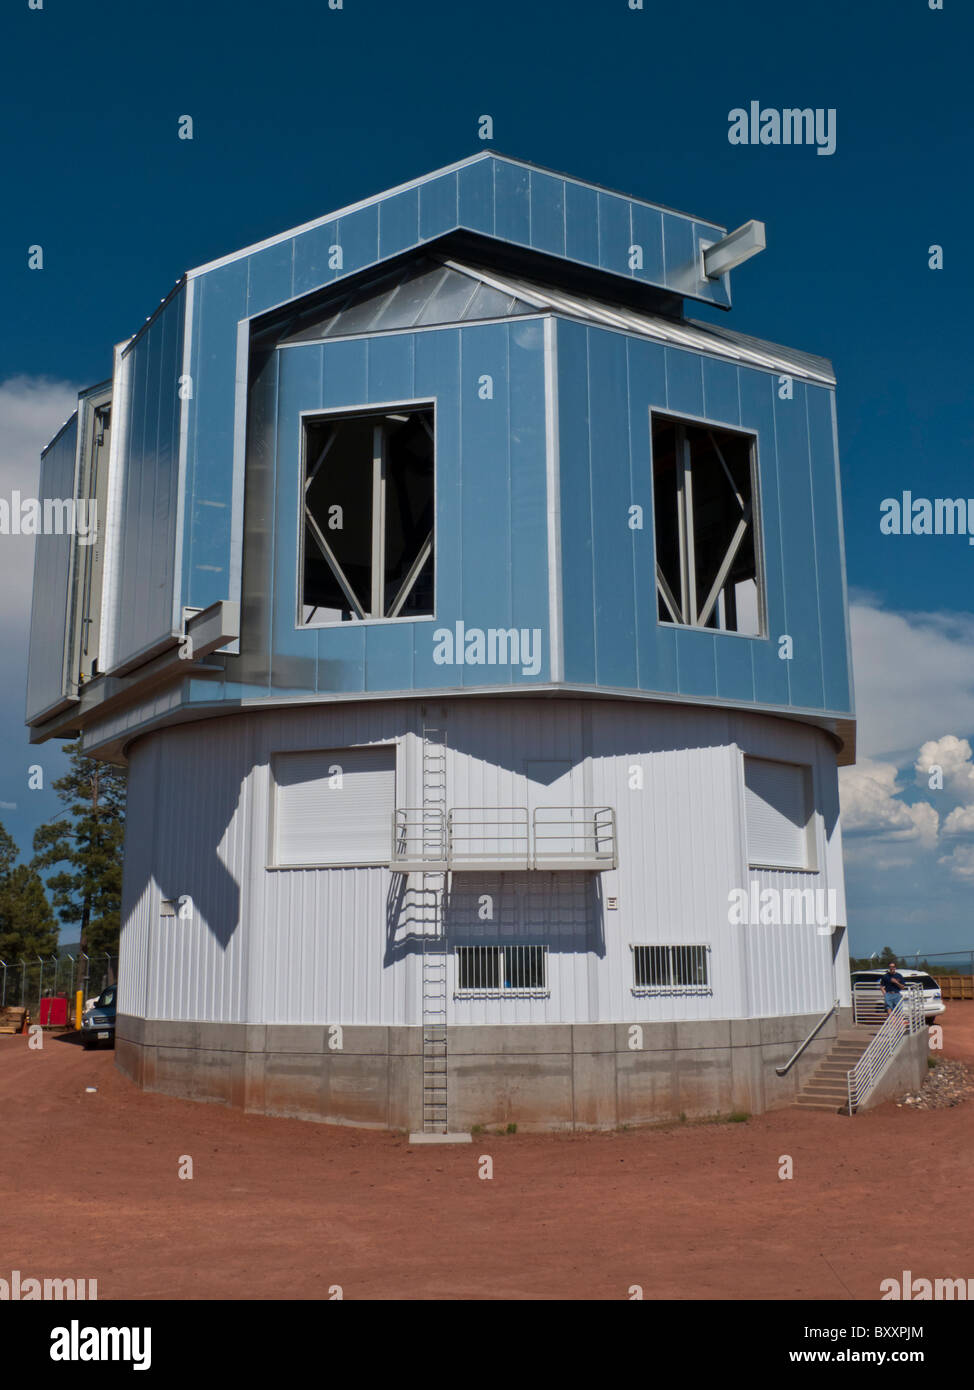 L'observatoire qui abrite le télescope de 4,2 mètres Canal découvrir près de Flagstaff, Photo Stock